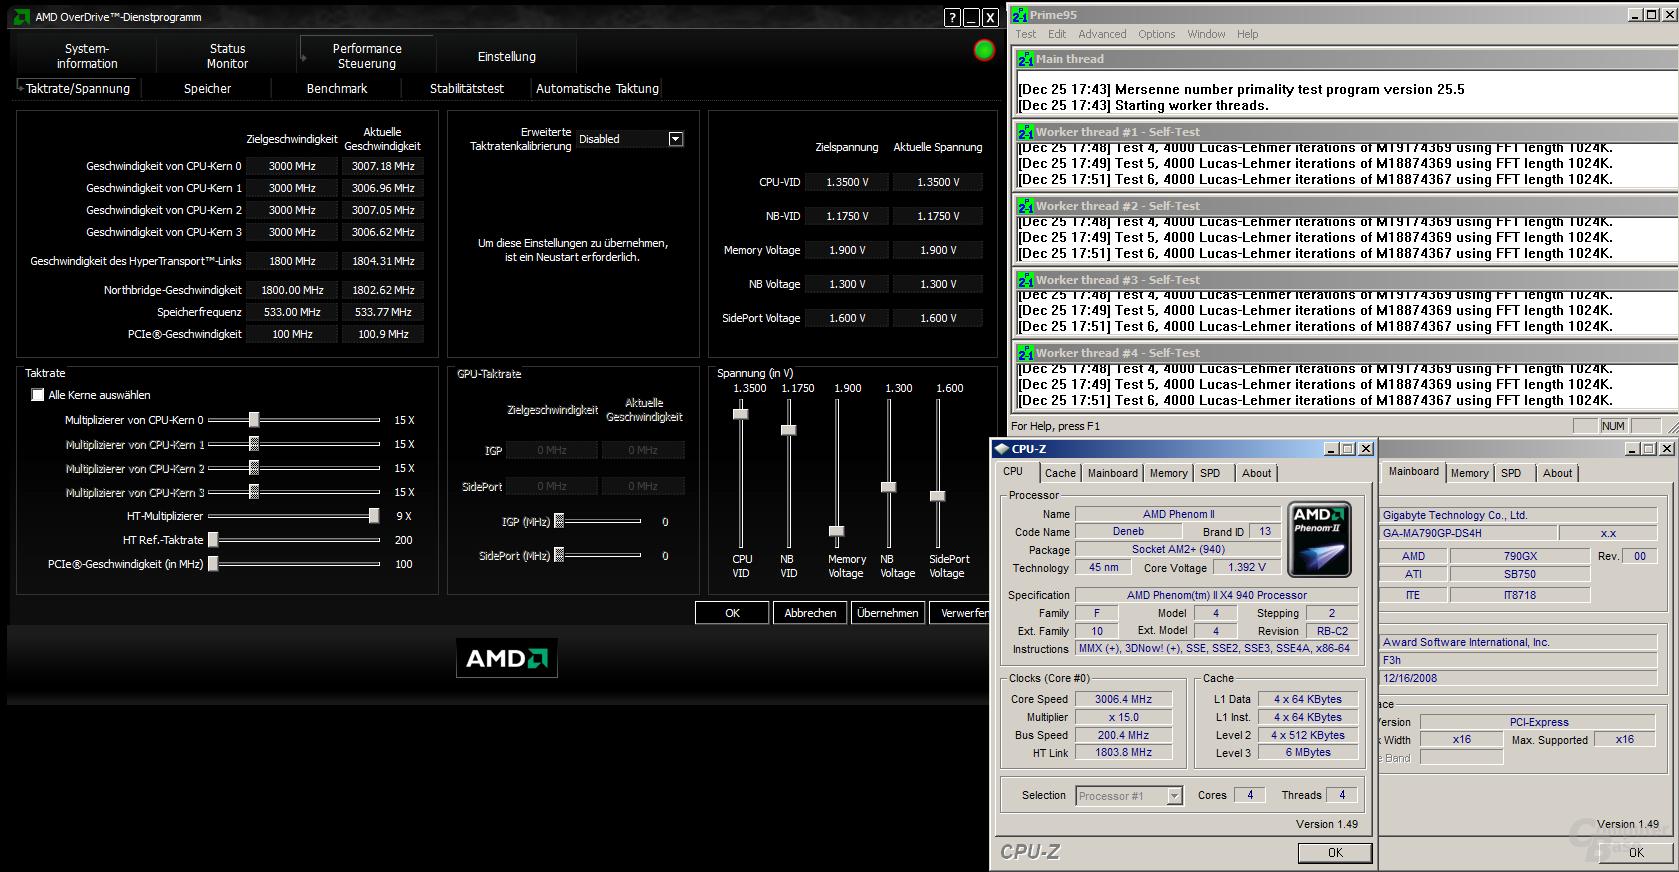 Gigabyte 790GX mit BIOS F3h - massiv erhöhte Spannung